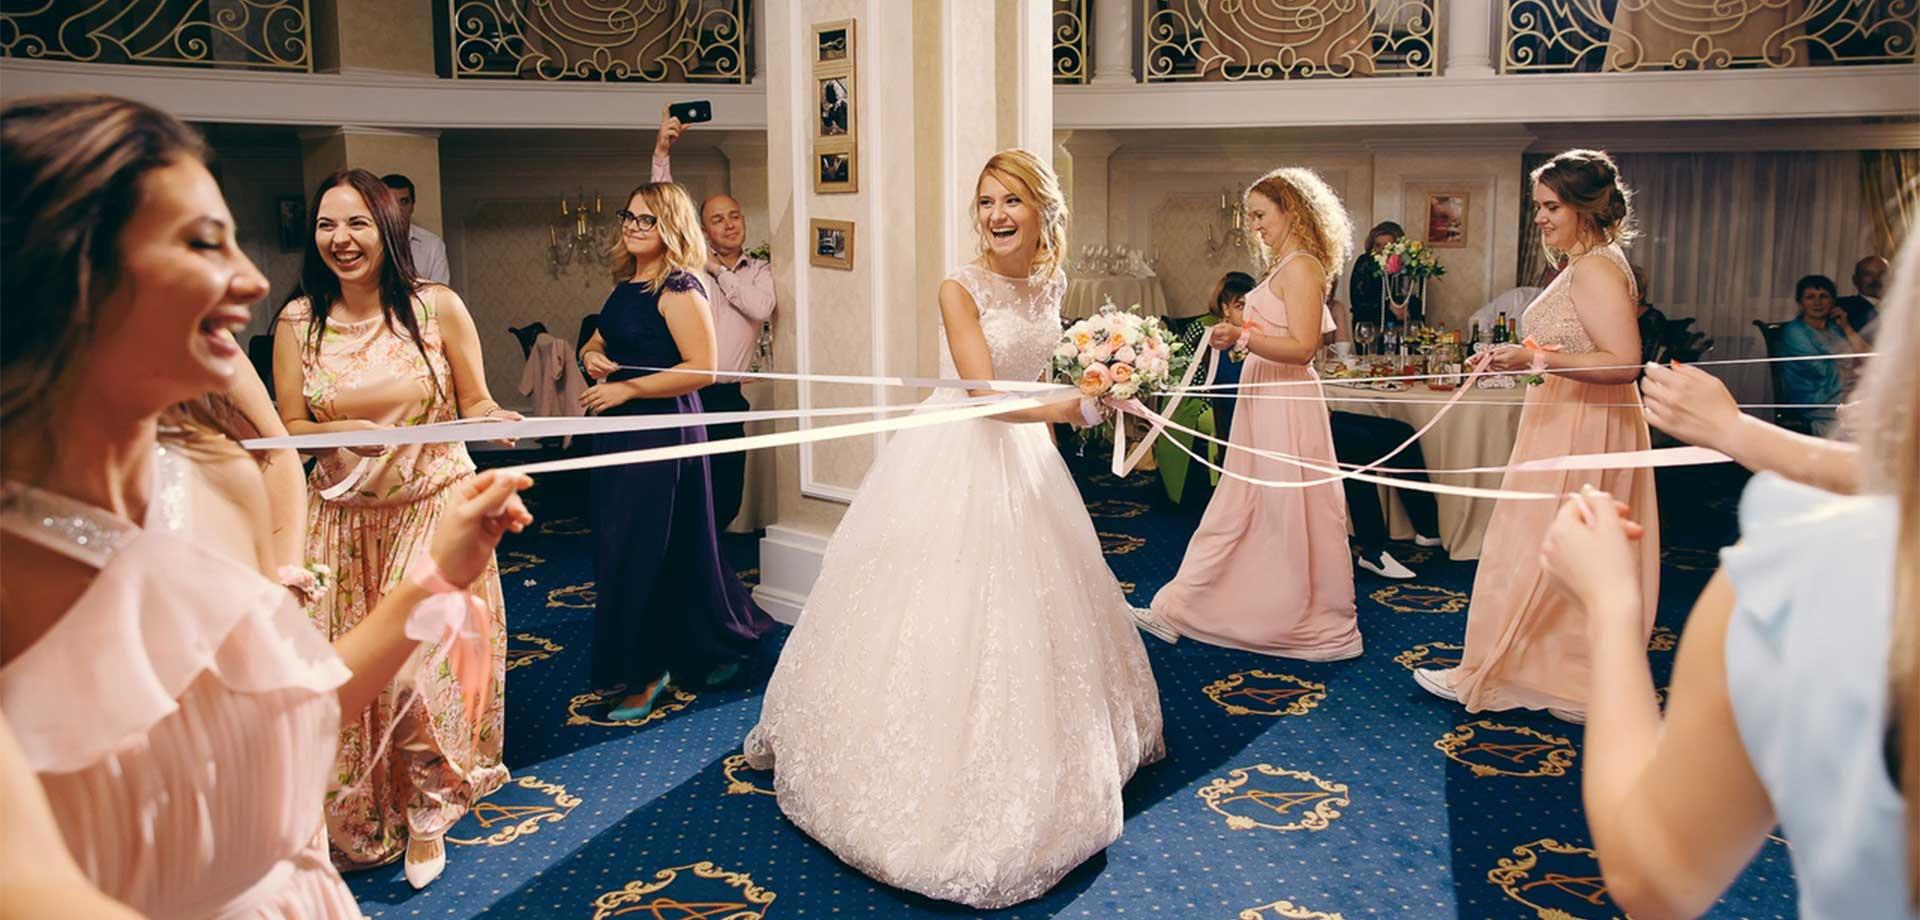 особенностью необычные поздравления на свадьбу от подруг невесты сегодняшней рубрике ниже